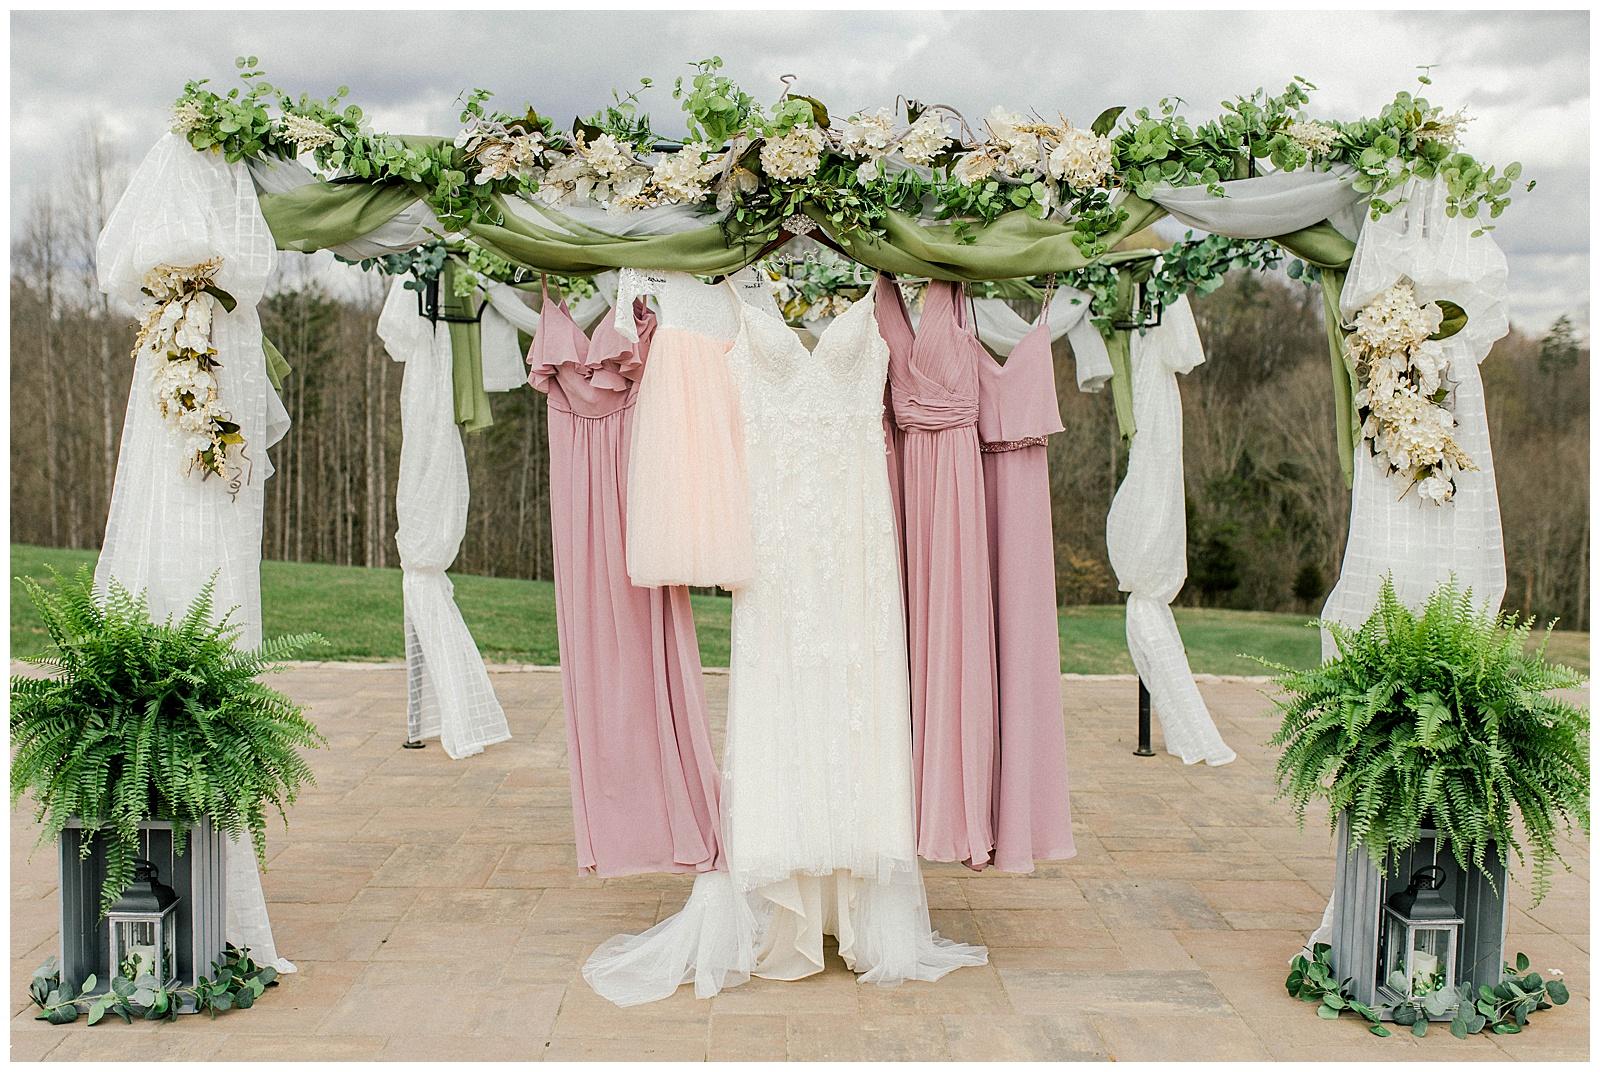 Lewis-Kara-Blakeman-Photography-Huntington-West-Virginia-Wedding-Barn-Olde-Homestead-6